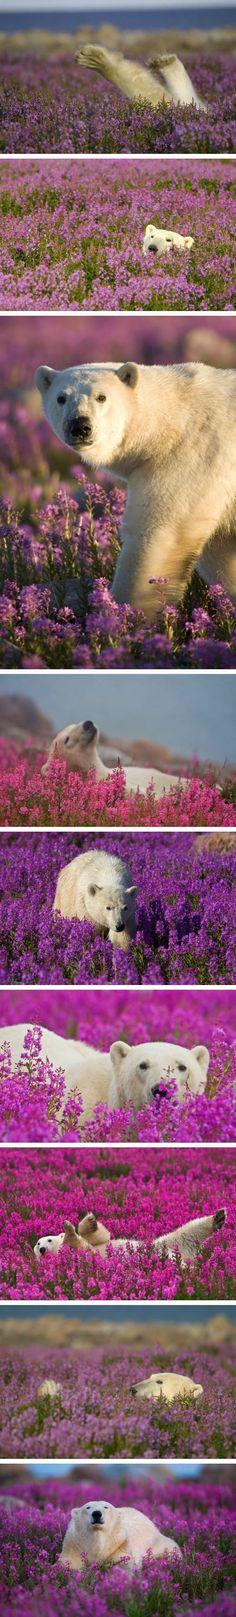 Polar Bear                                                                                                                                                                                 More